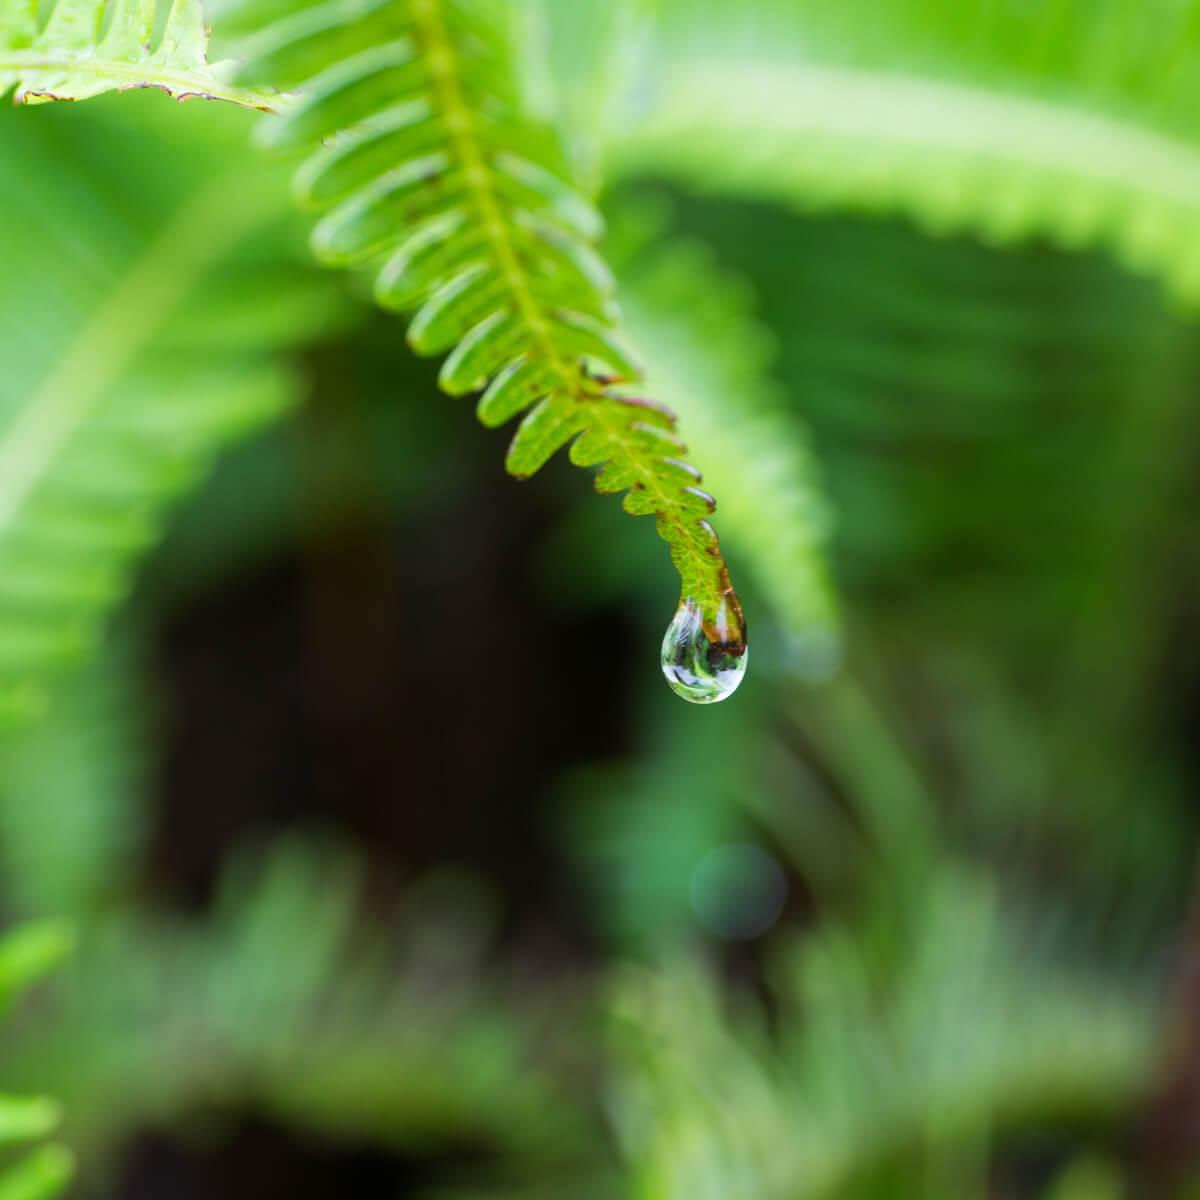 屋久島のシダ、雨のしずく 屋久島雨とジュエリー オーダーメイドエンゲージリングのモチーフ